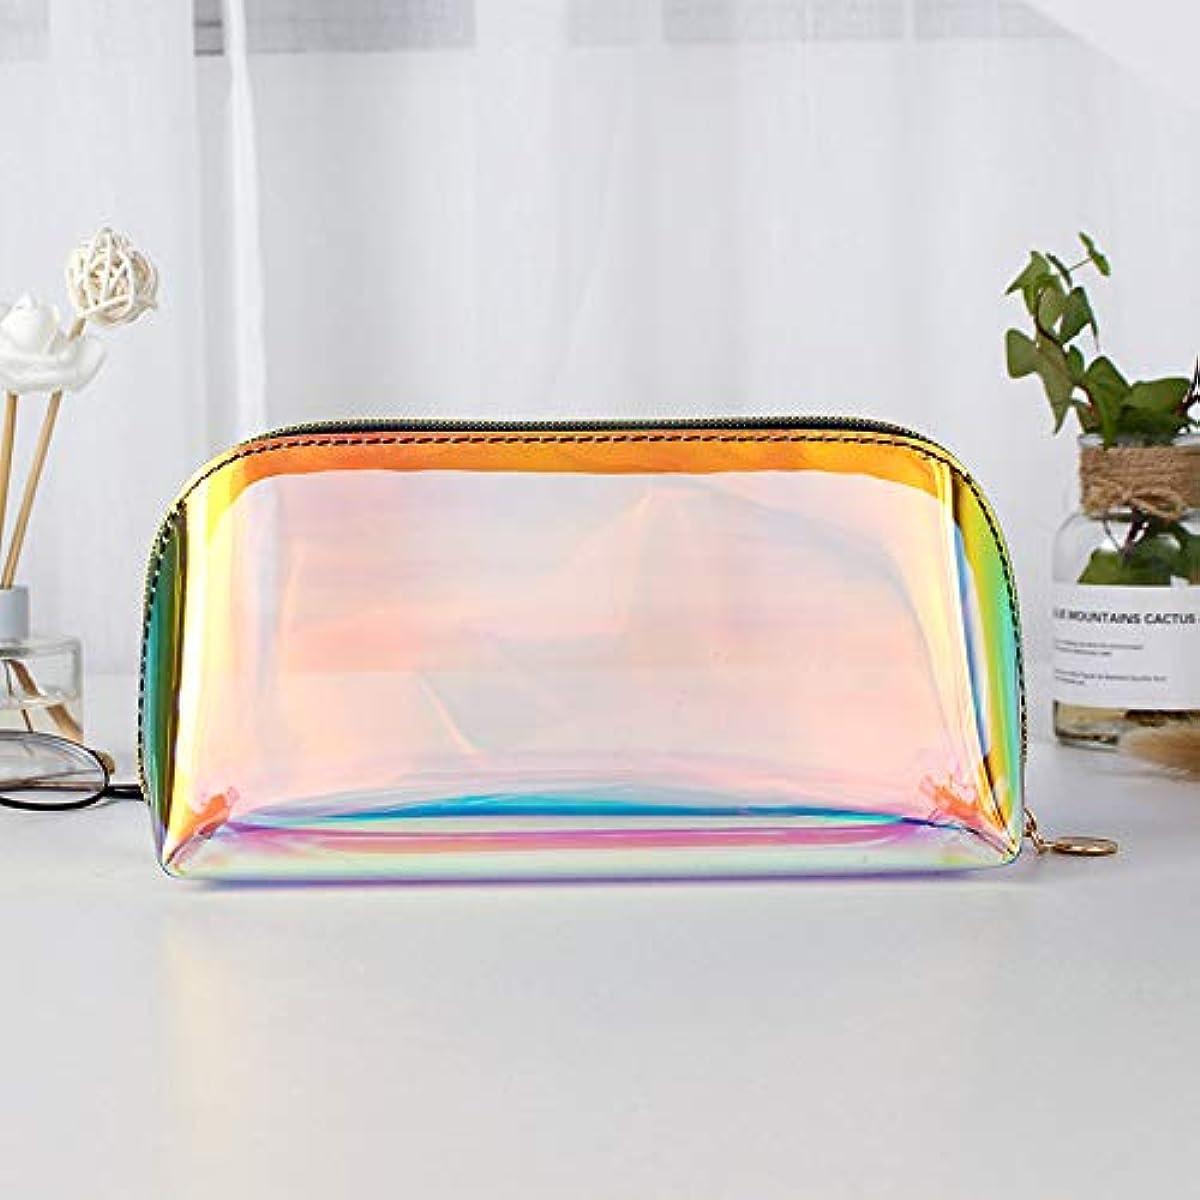 バッチ誰も狂った透明な虹レーザーホログラムコスメティックバッグオーガナイザー大F-色のファッション化粧品トラベルバッグホログラフィックメイクアップバッグYY,L